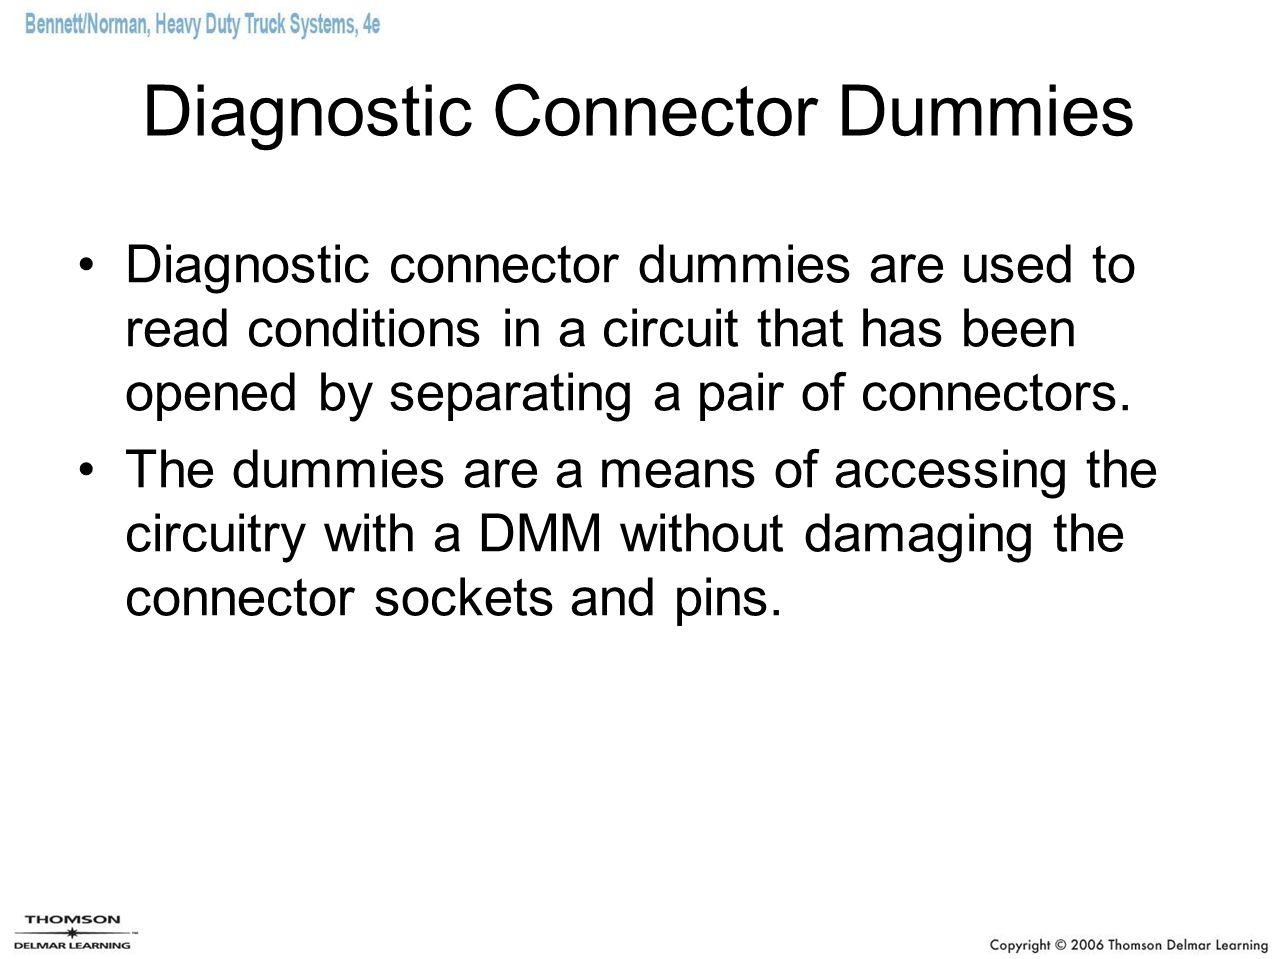 Diagnostic Connector Dummies